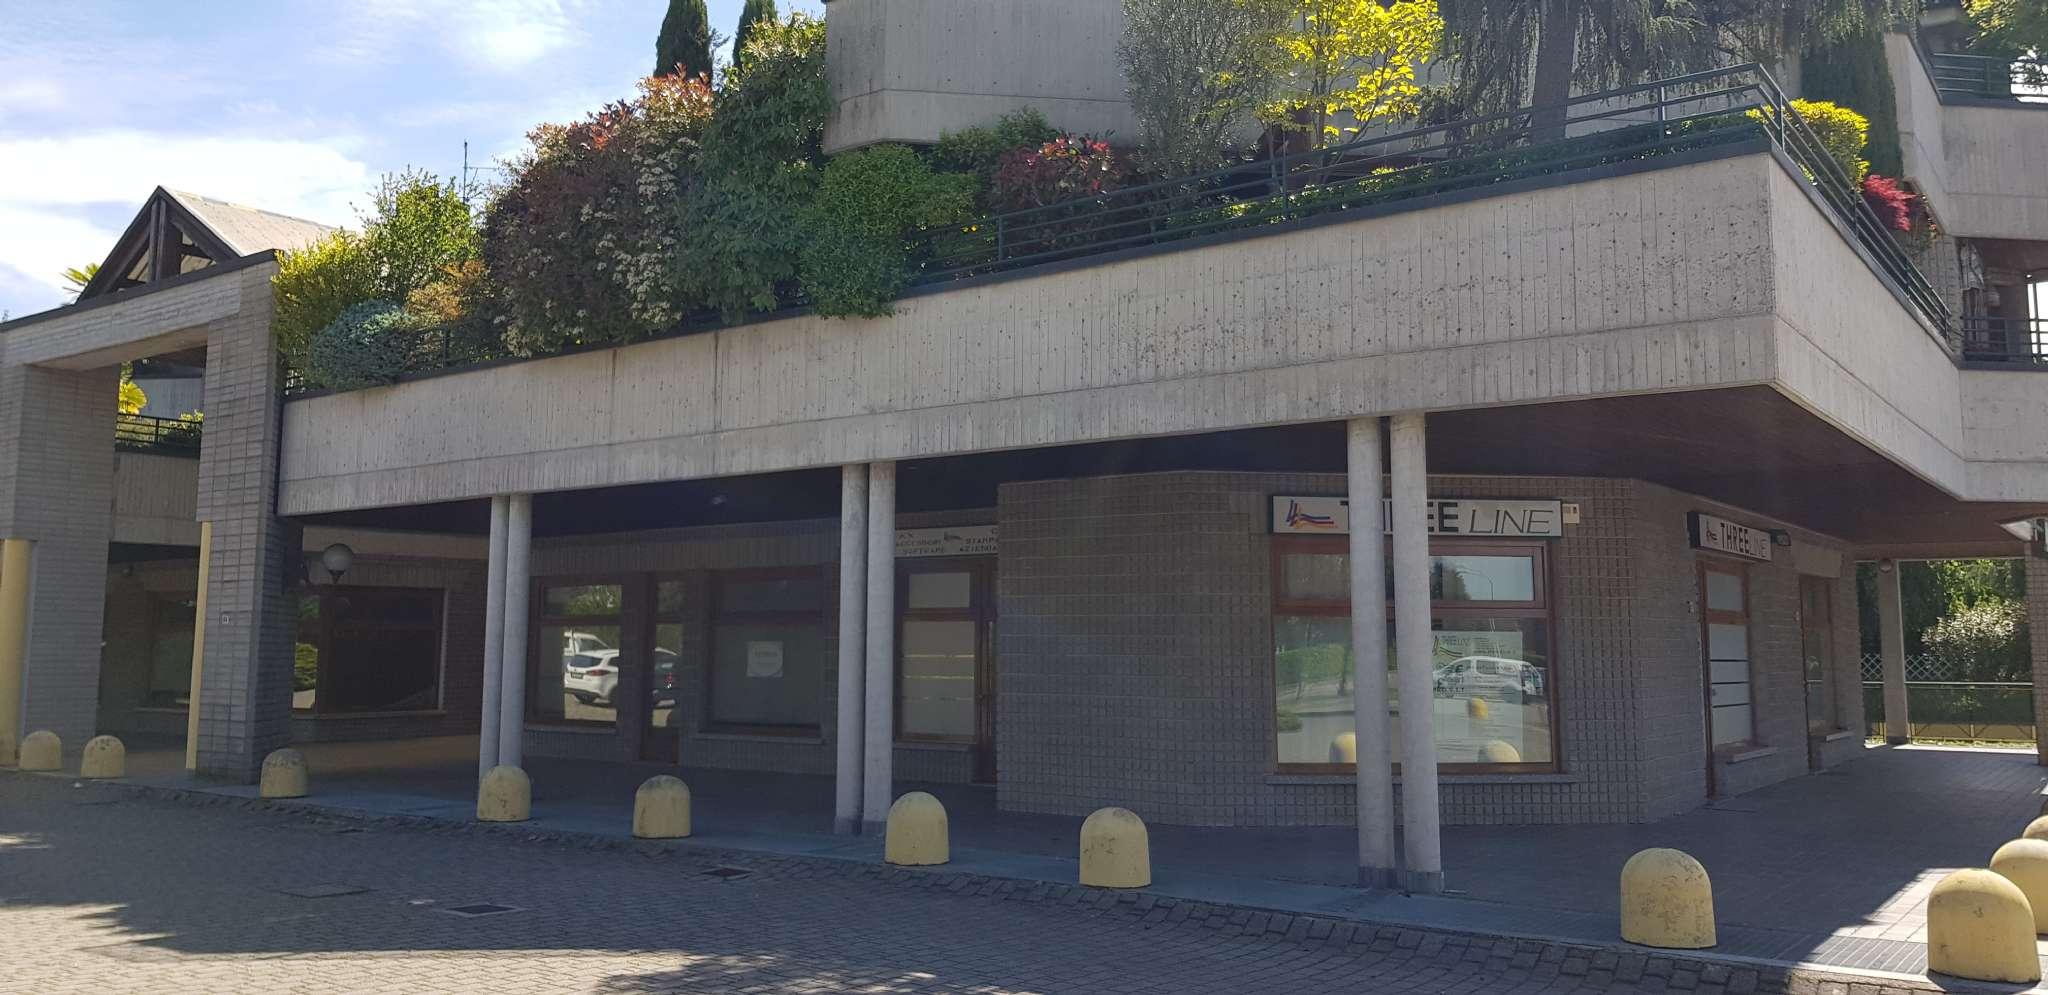 Negozio / Locale in vendita a Mariano Comense, 1 locali, prezzo € 58.000 | CambioCasa.it